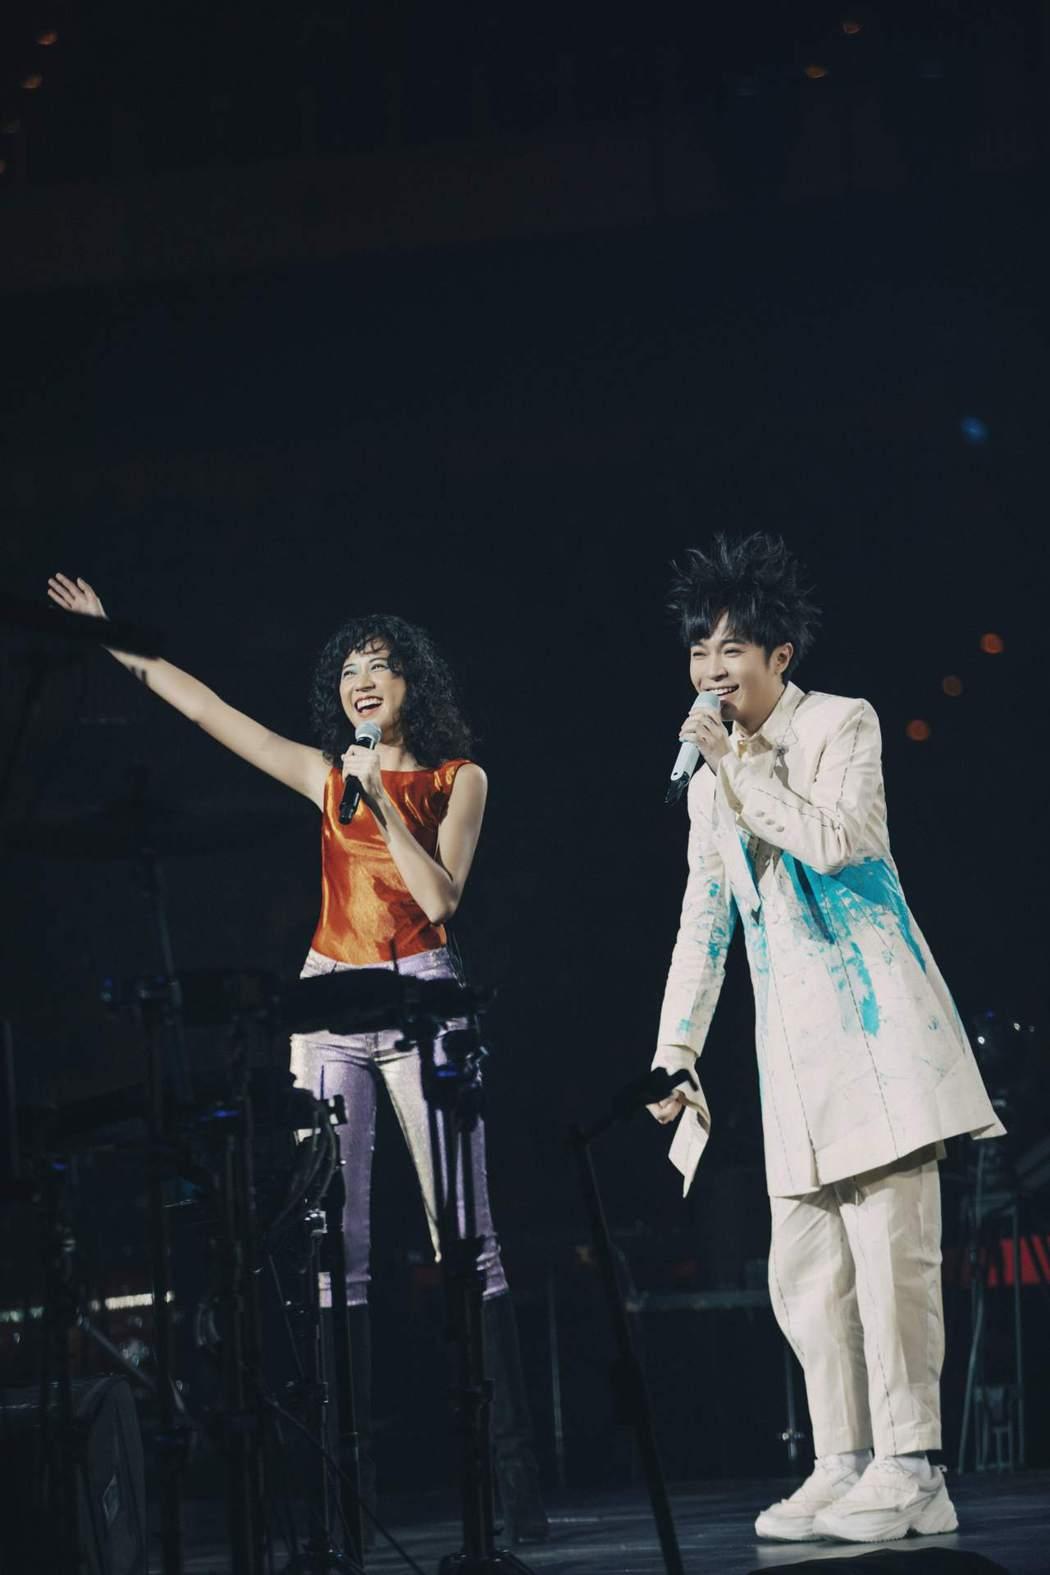 吳青峰(右)演唱會嘉賓請到「靈魂女聲」9m88,同台迷幻尬唱。圖/環球唱片提供